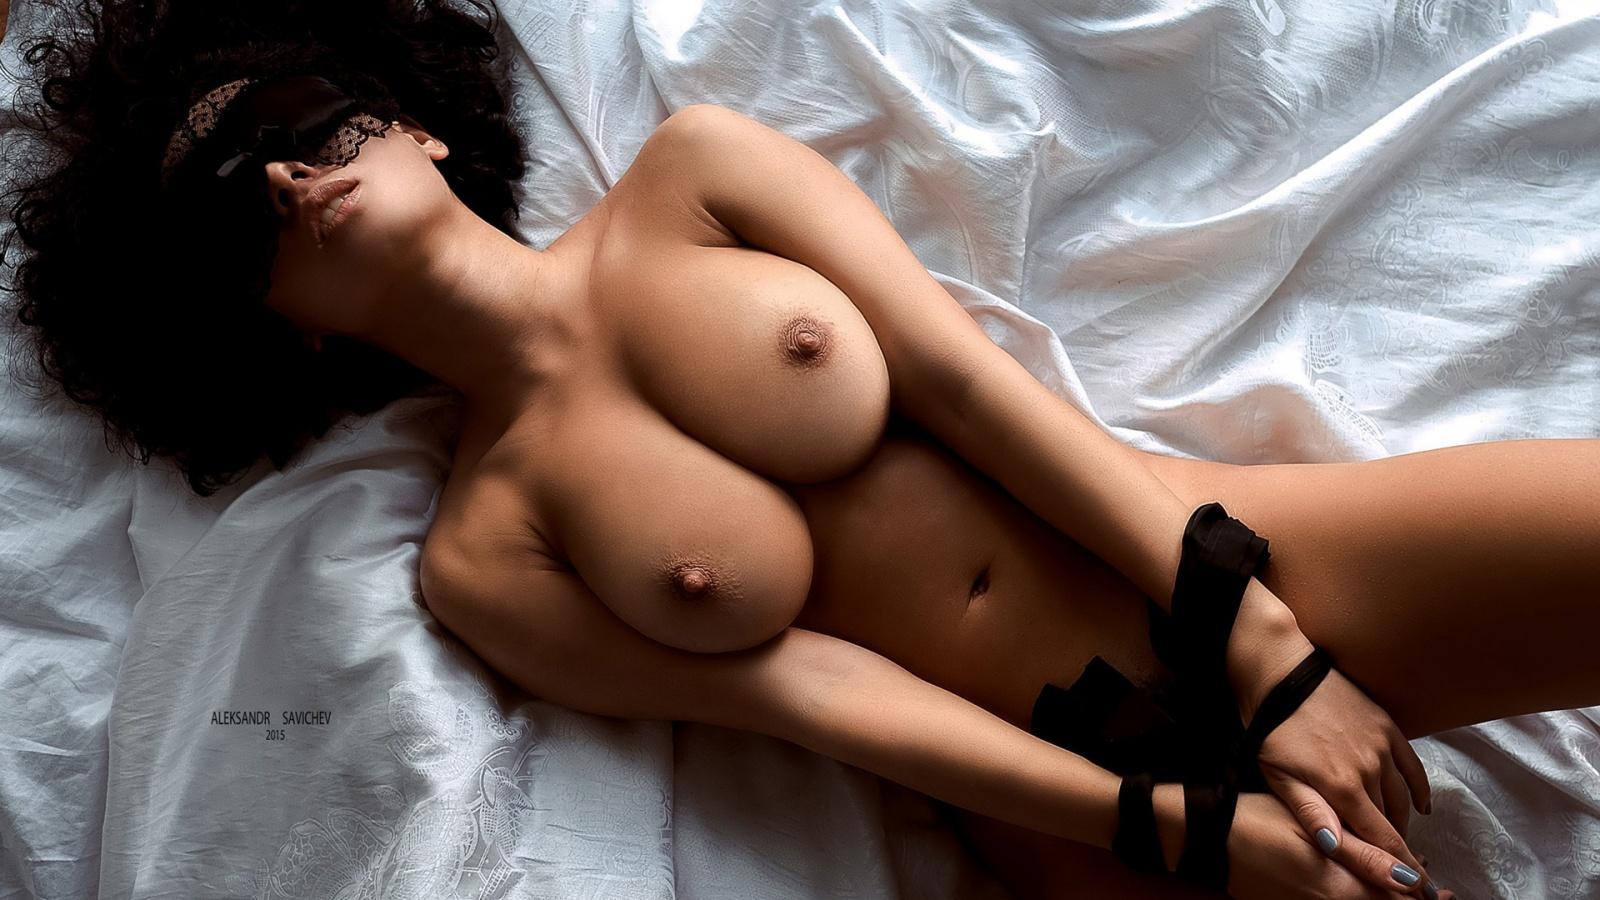 Winona aka pammie lee naked shall